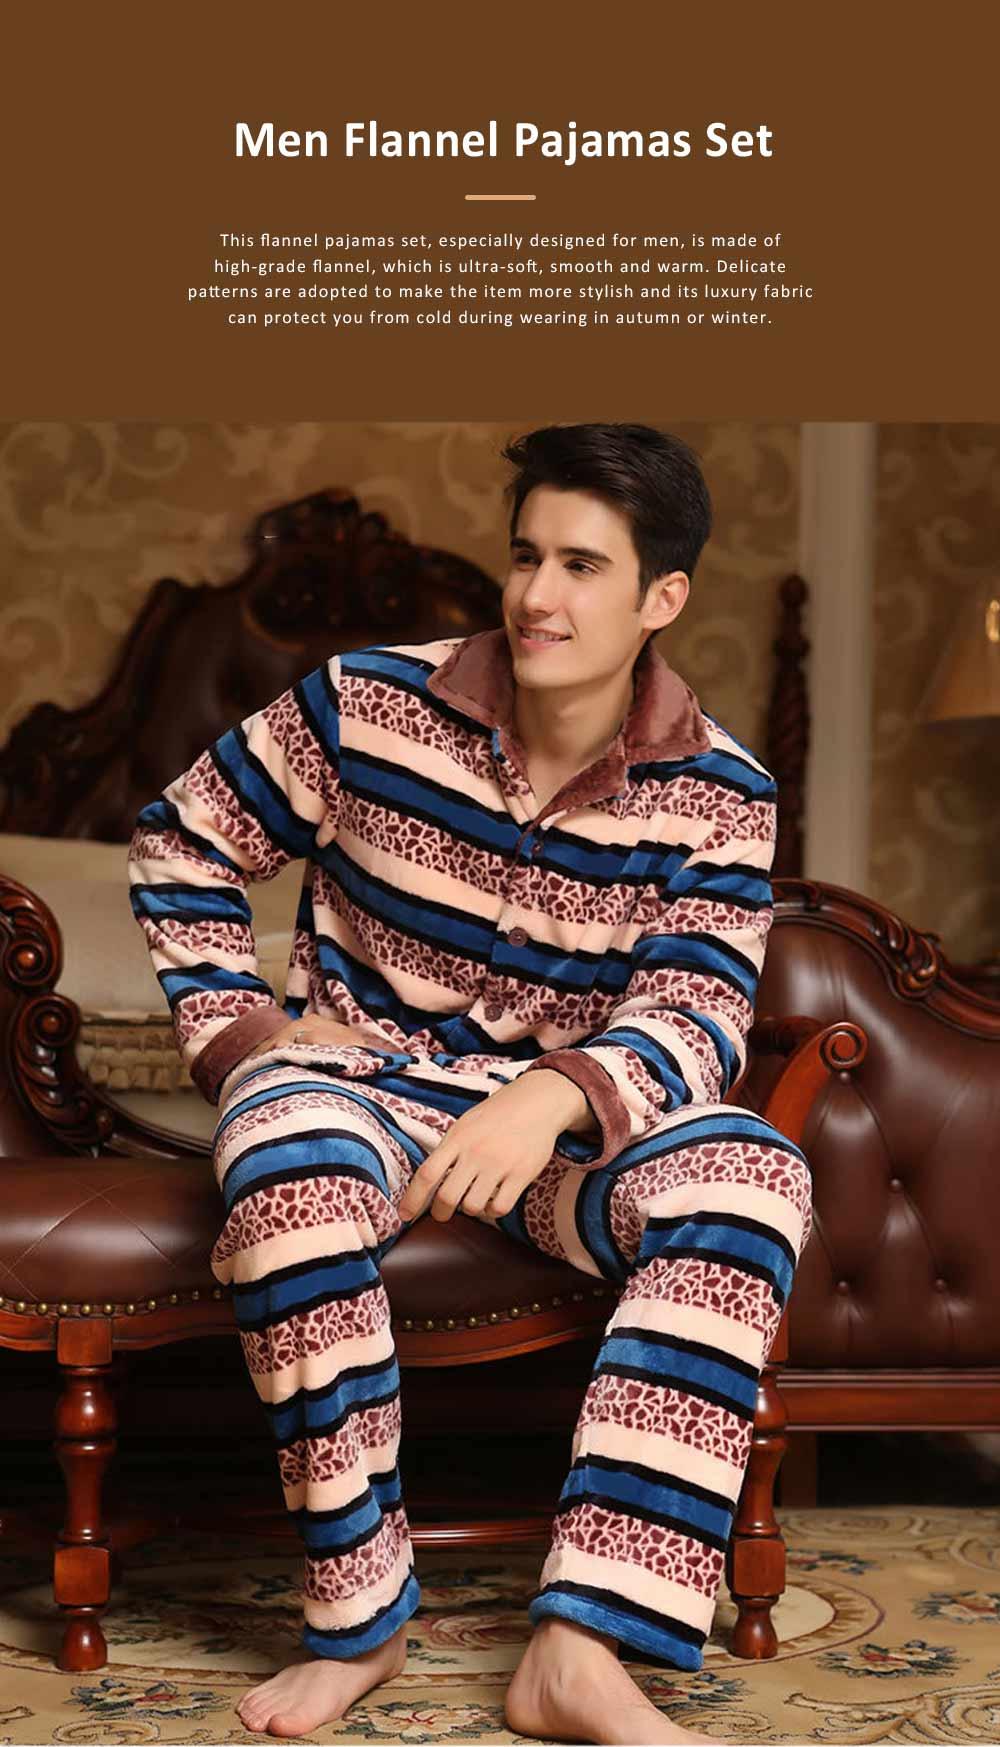 Warm Flannel Long Sleeve Men Pajamas Suit, Autumn Winter Luxury Ultra-soft Coral Fleece Lapel Sleepwear Set for Men 0